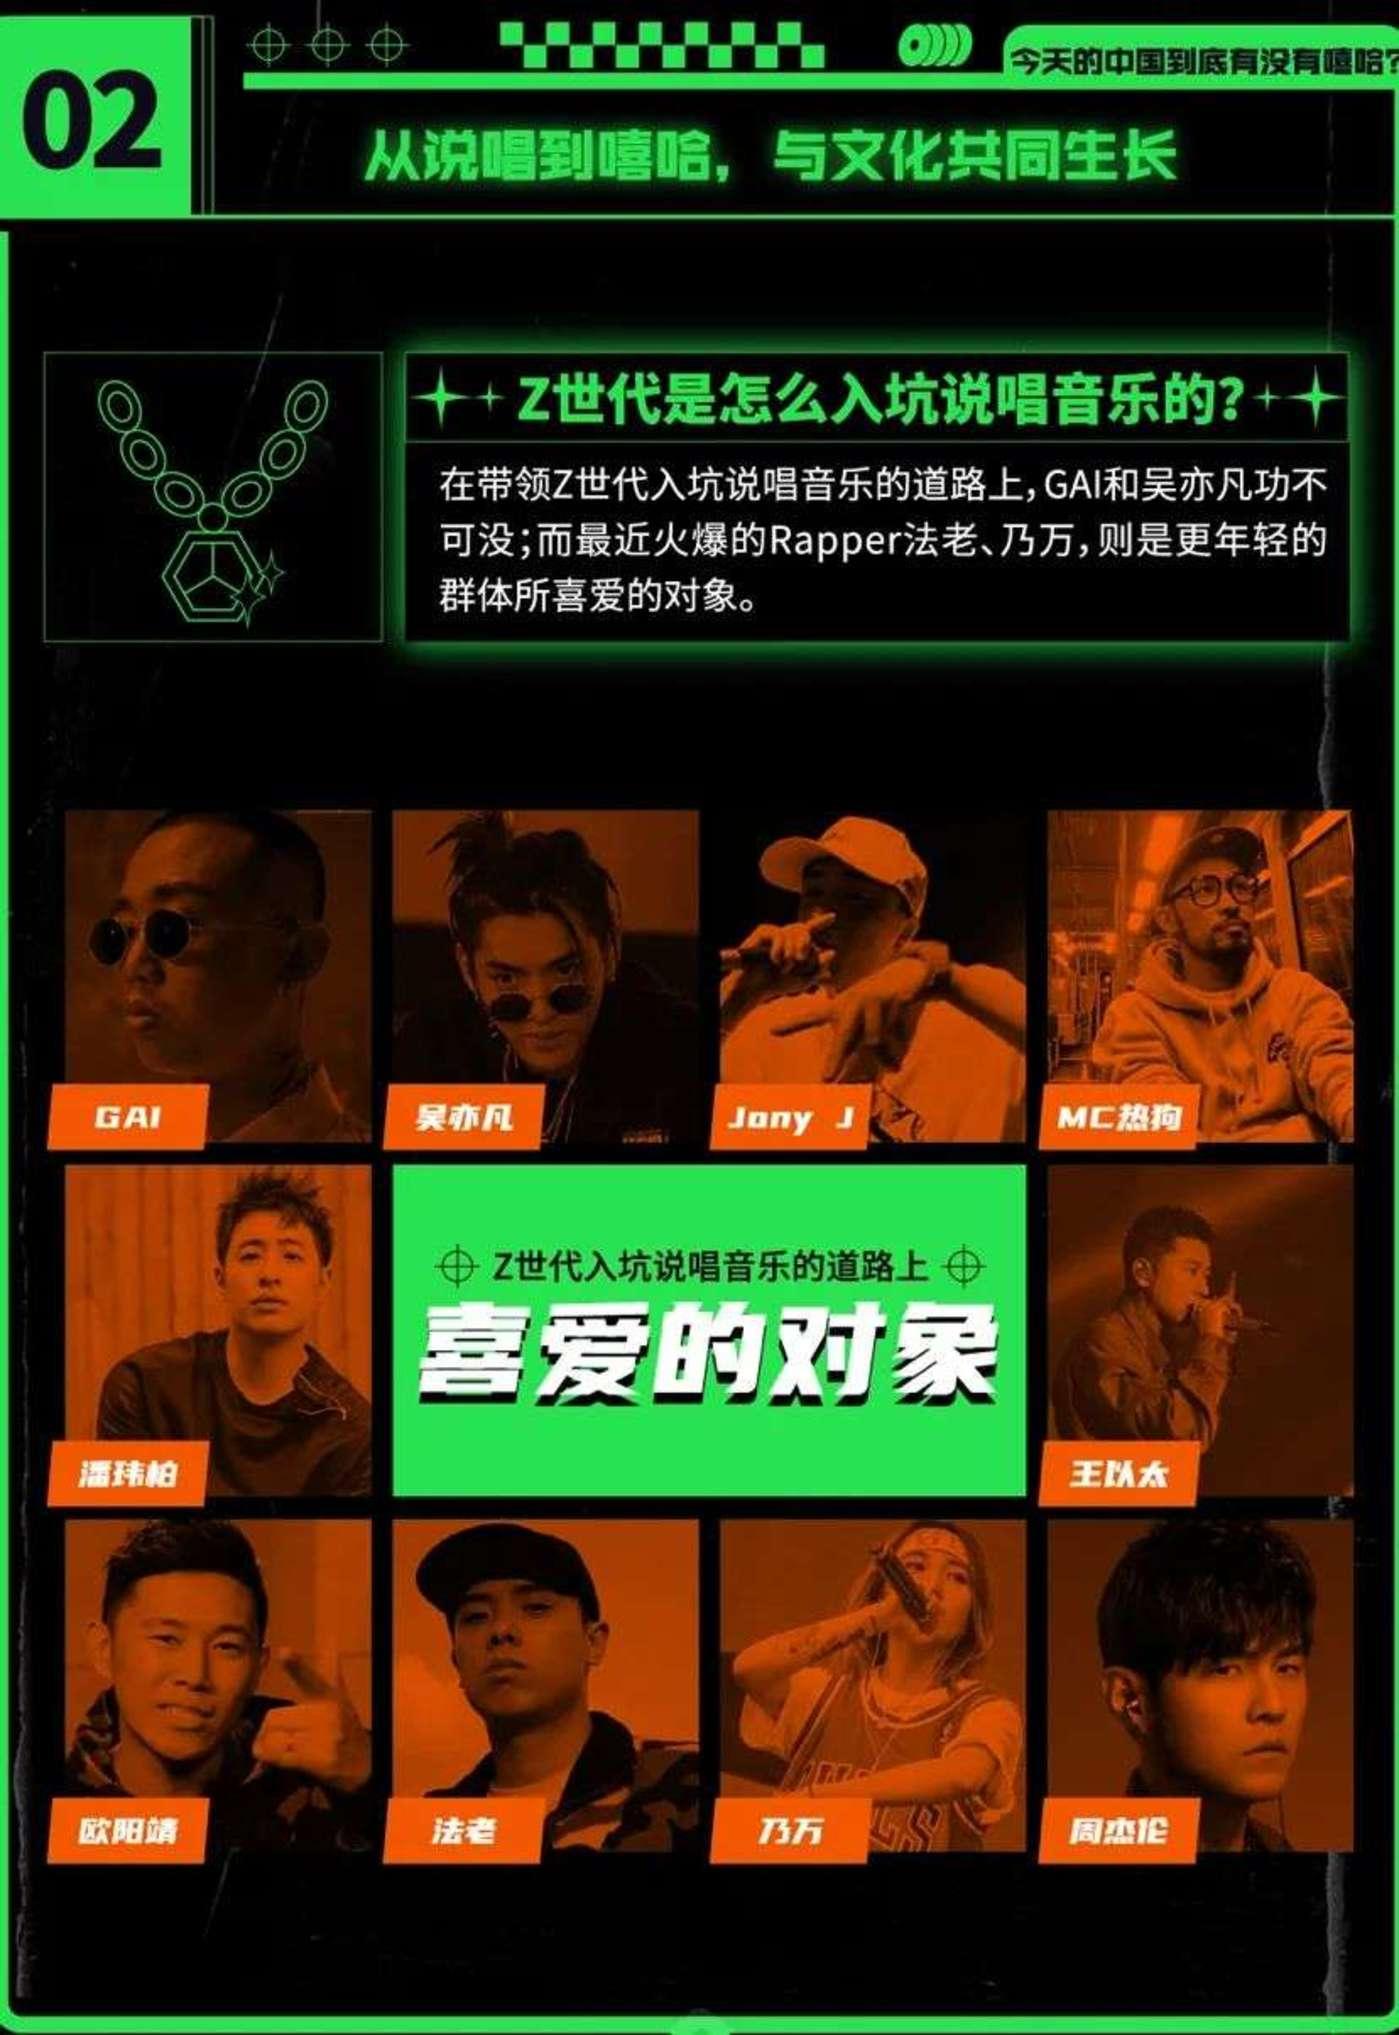 图源QQ音乐《说唱青年秘密报告》